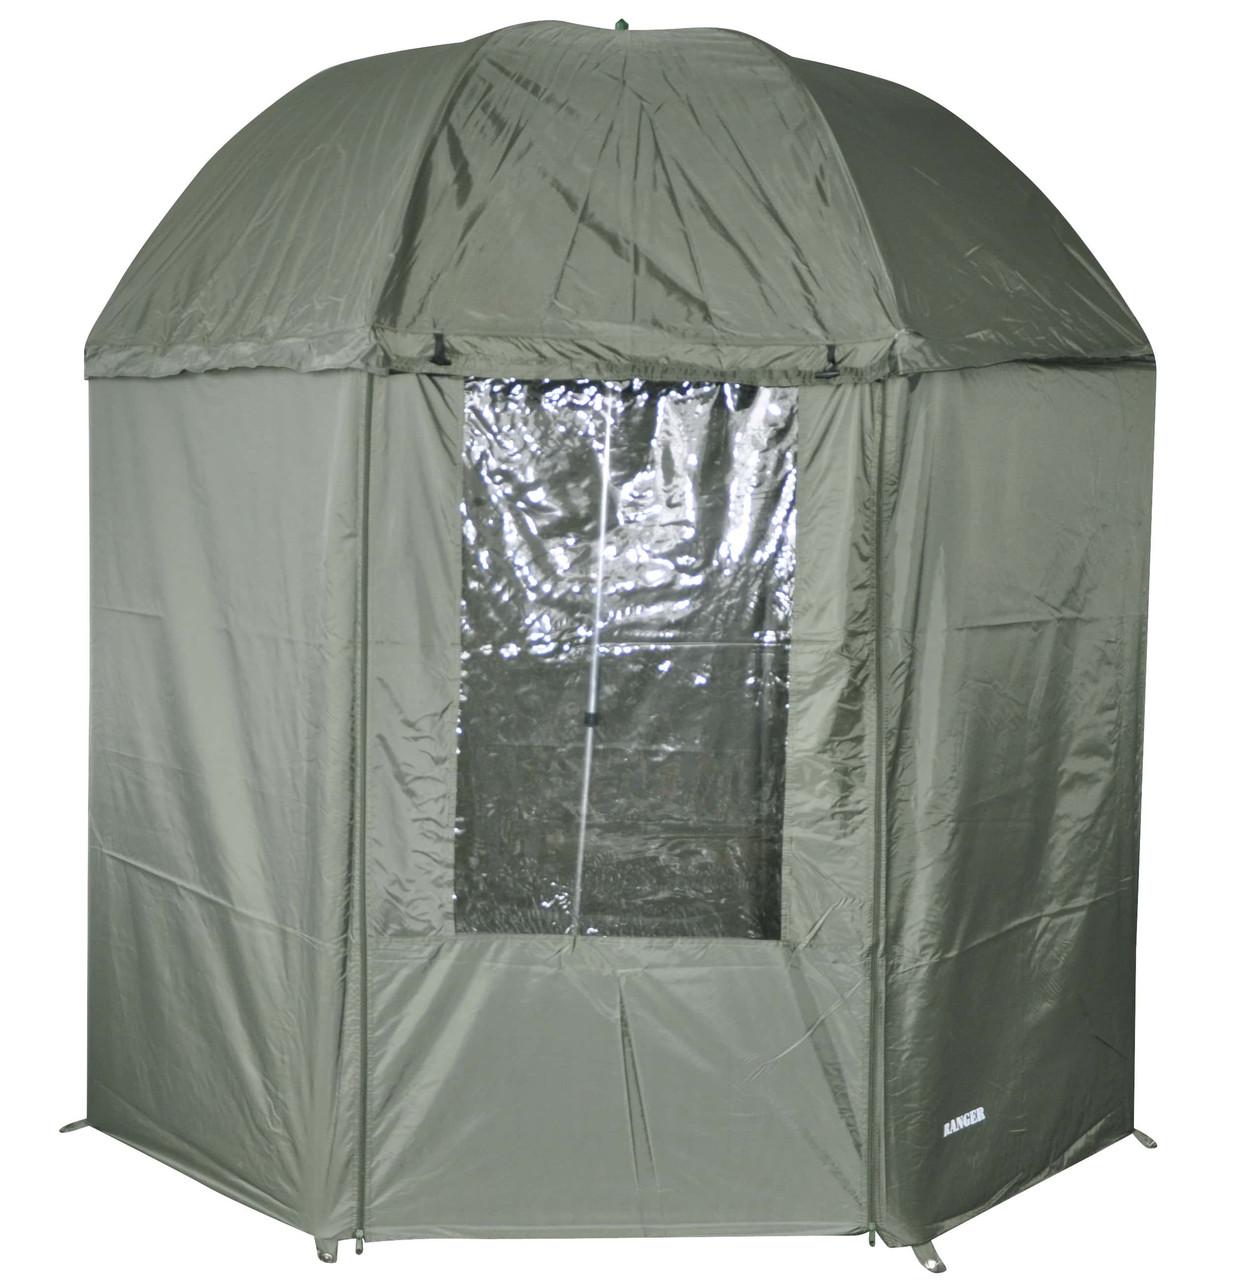 Зонт-палатка туристический Ranger Umbrella 50  100% нейлон для рыбалки природы